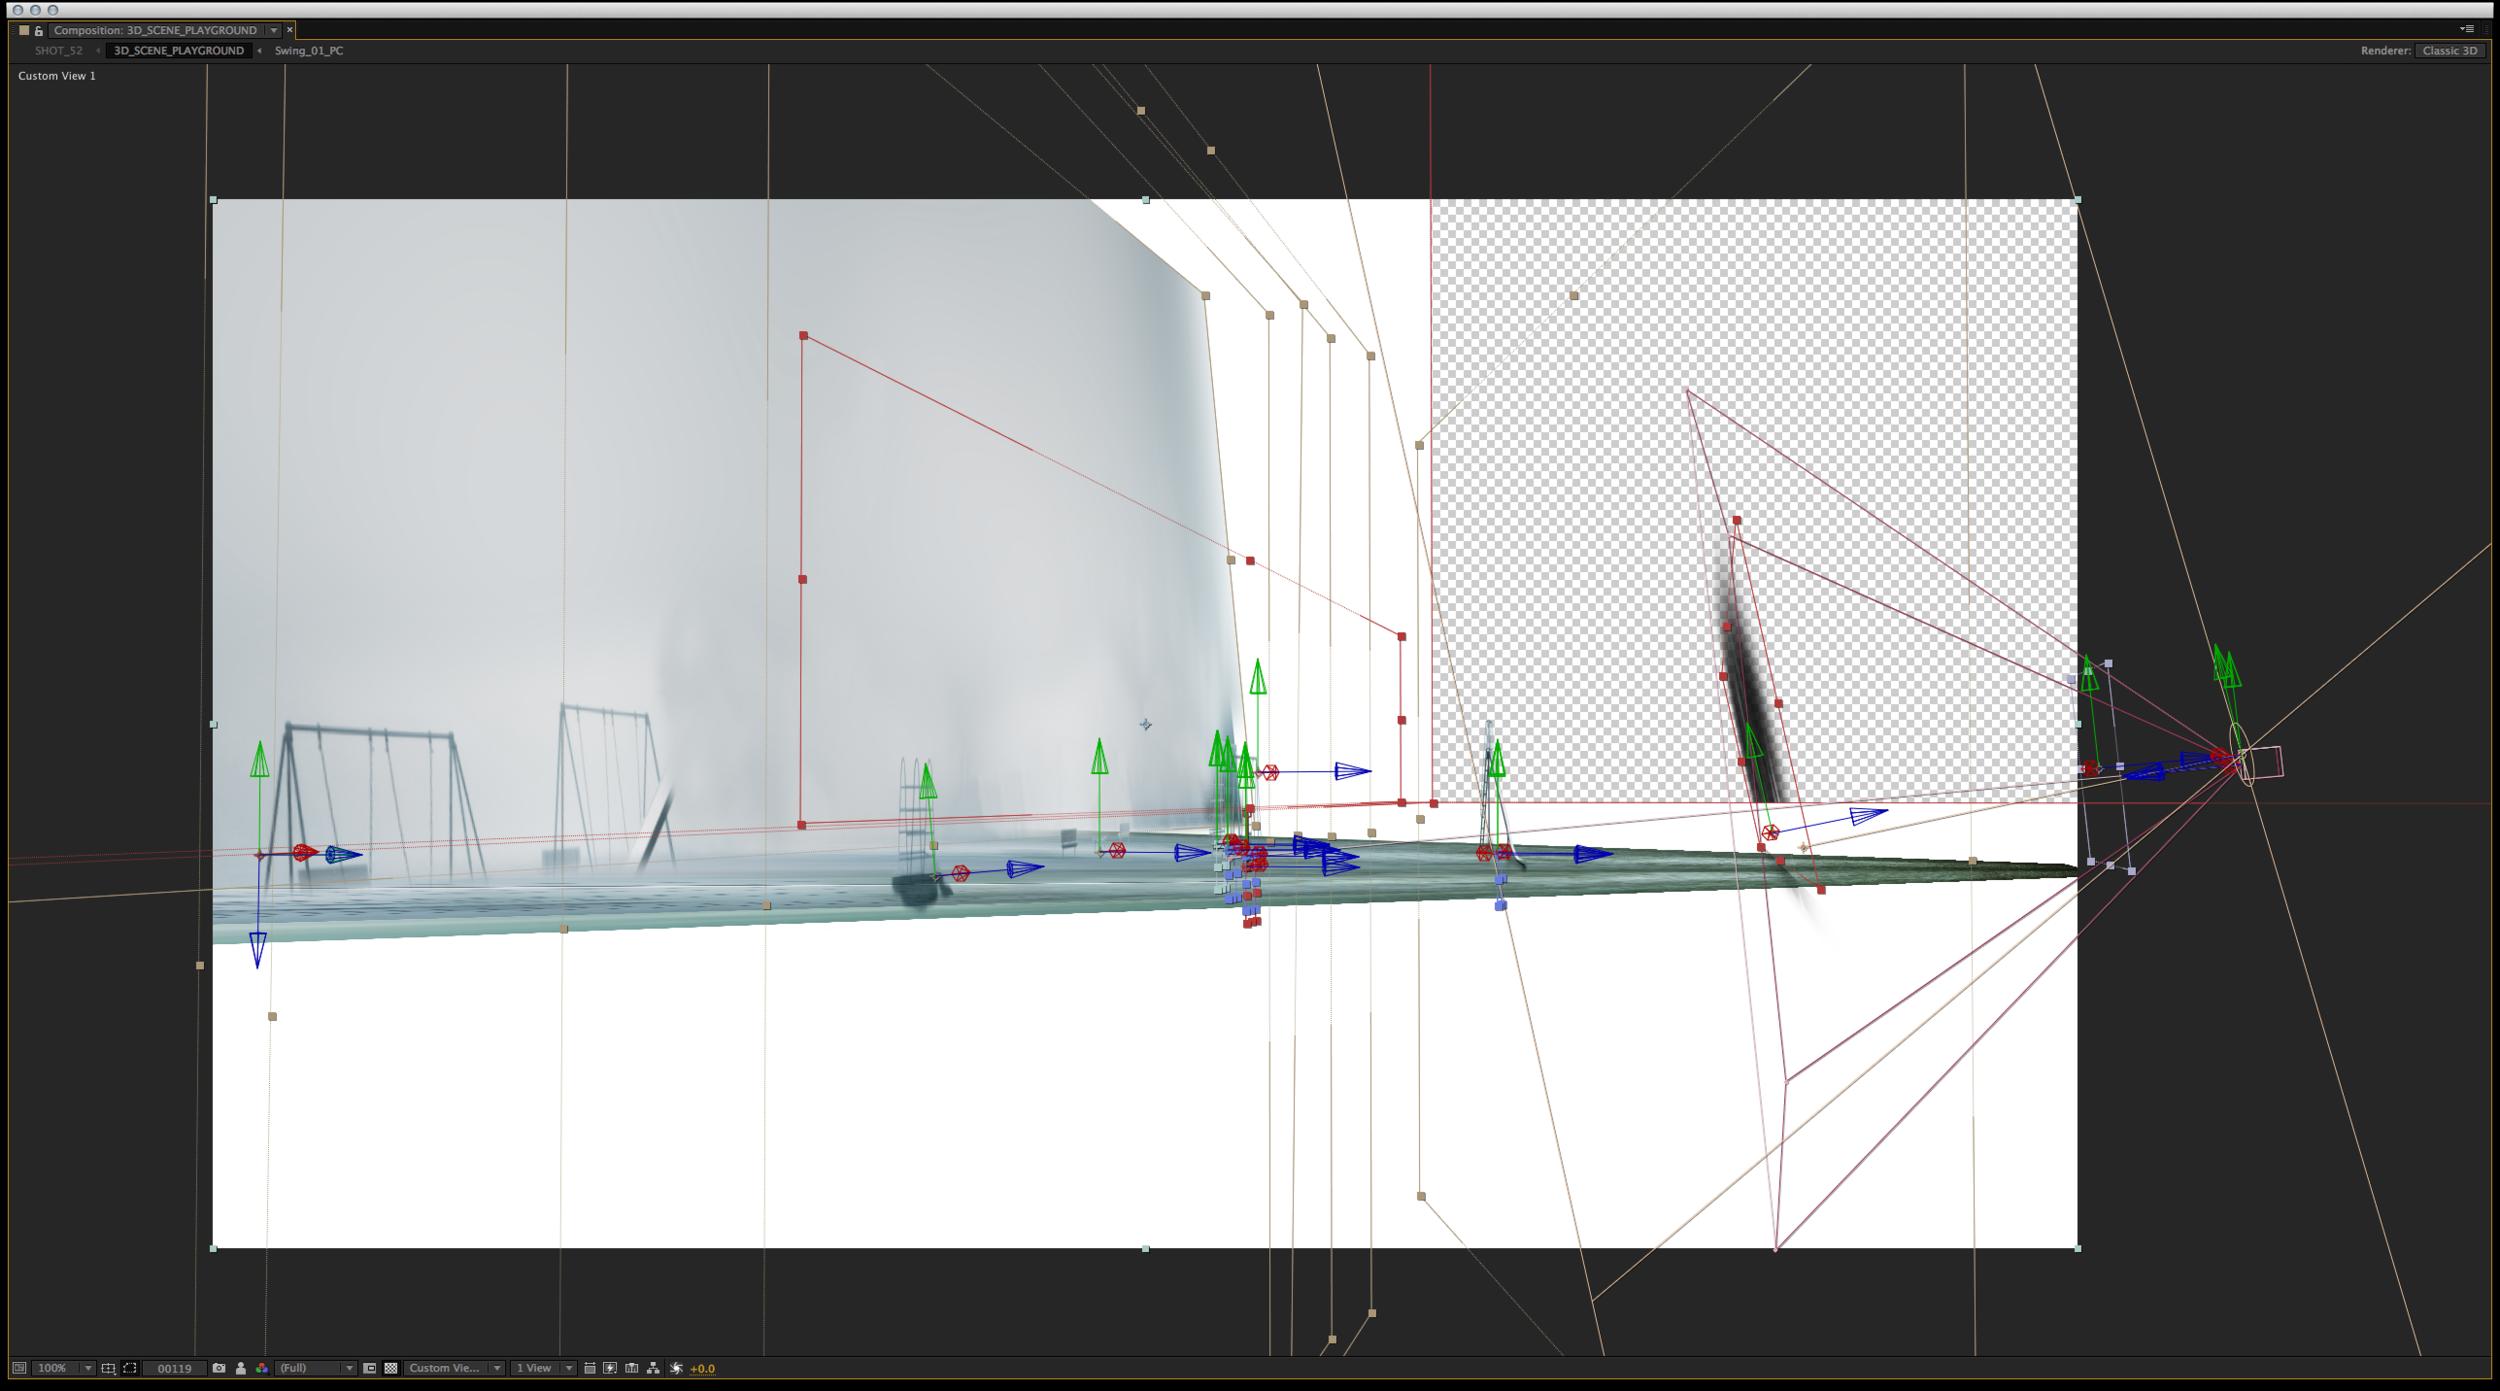 Screen Shot 2013-11-15 at 9.31.41 AM.png